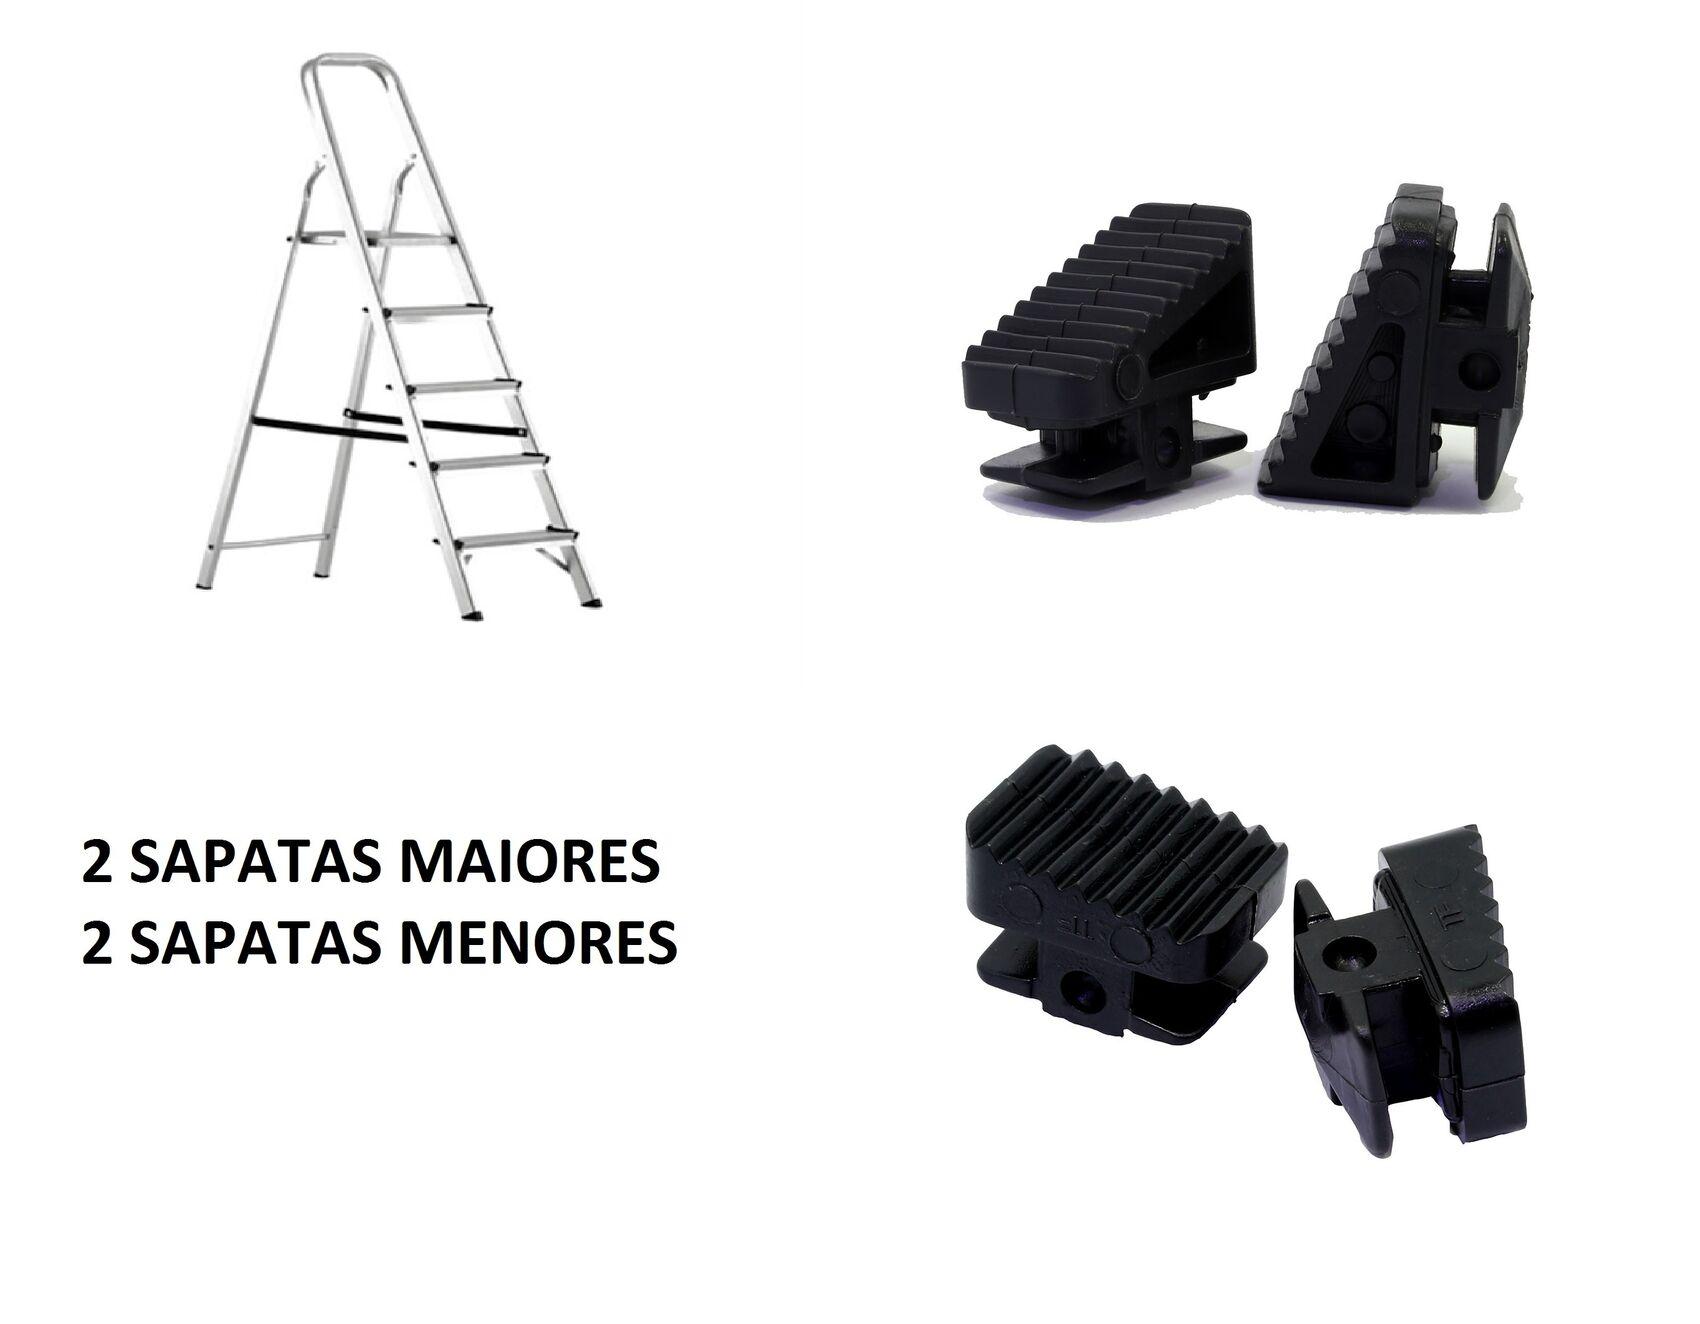 Kit Sapata Maior e Menor